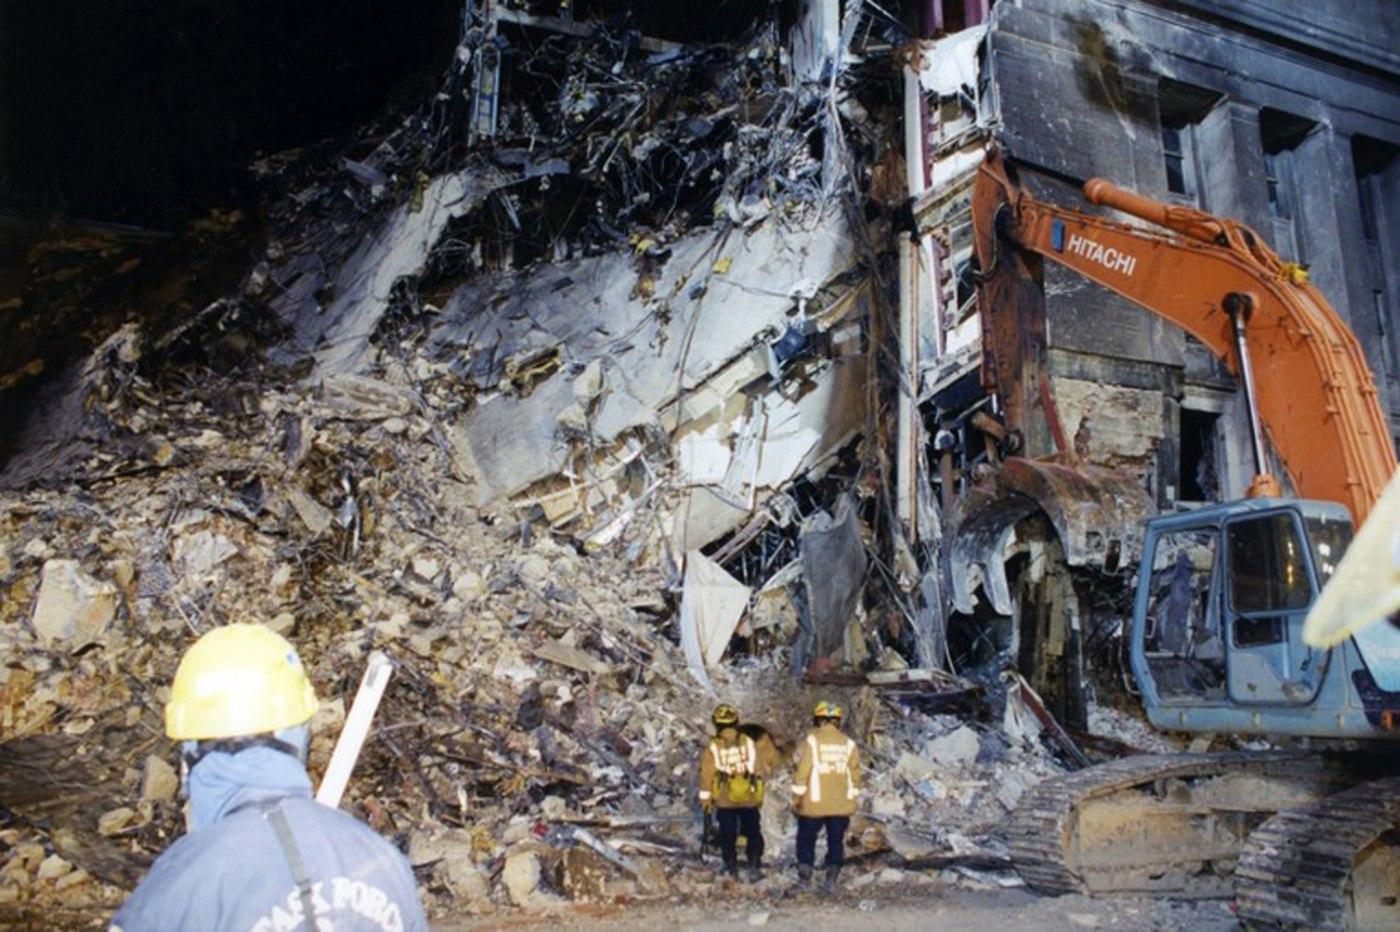 Una máquina retira los escombros en el lugar exacto donde impactó el vuelo 77 de American Airlines. (EFE)